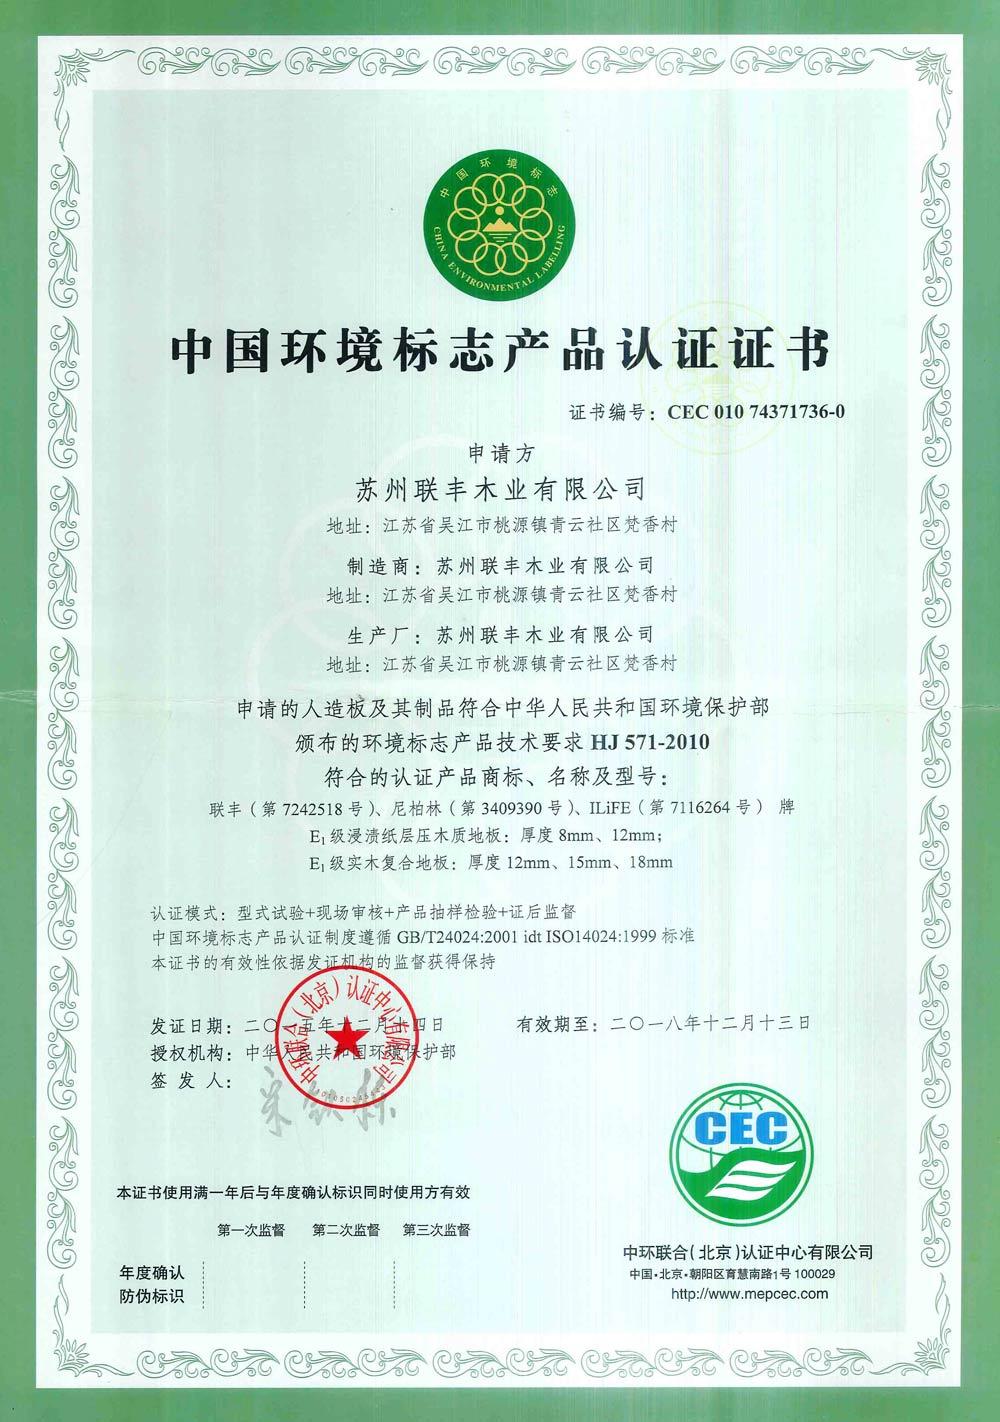 中国环境标志认证优秀企业